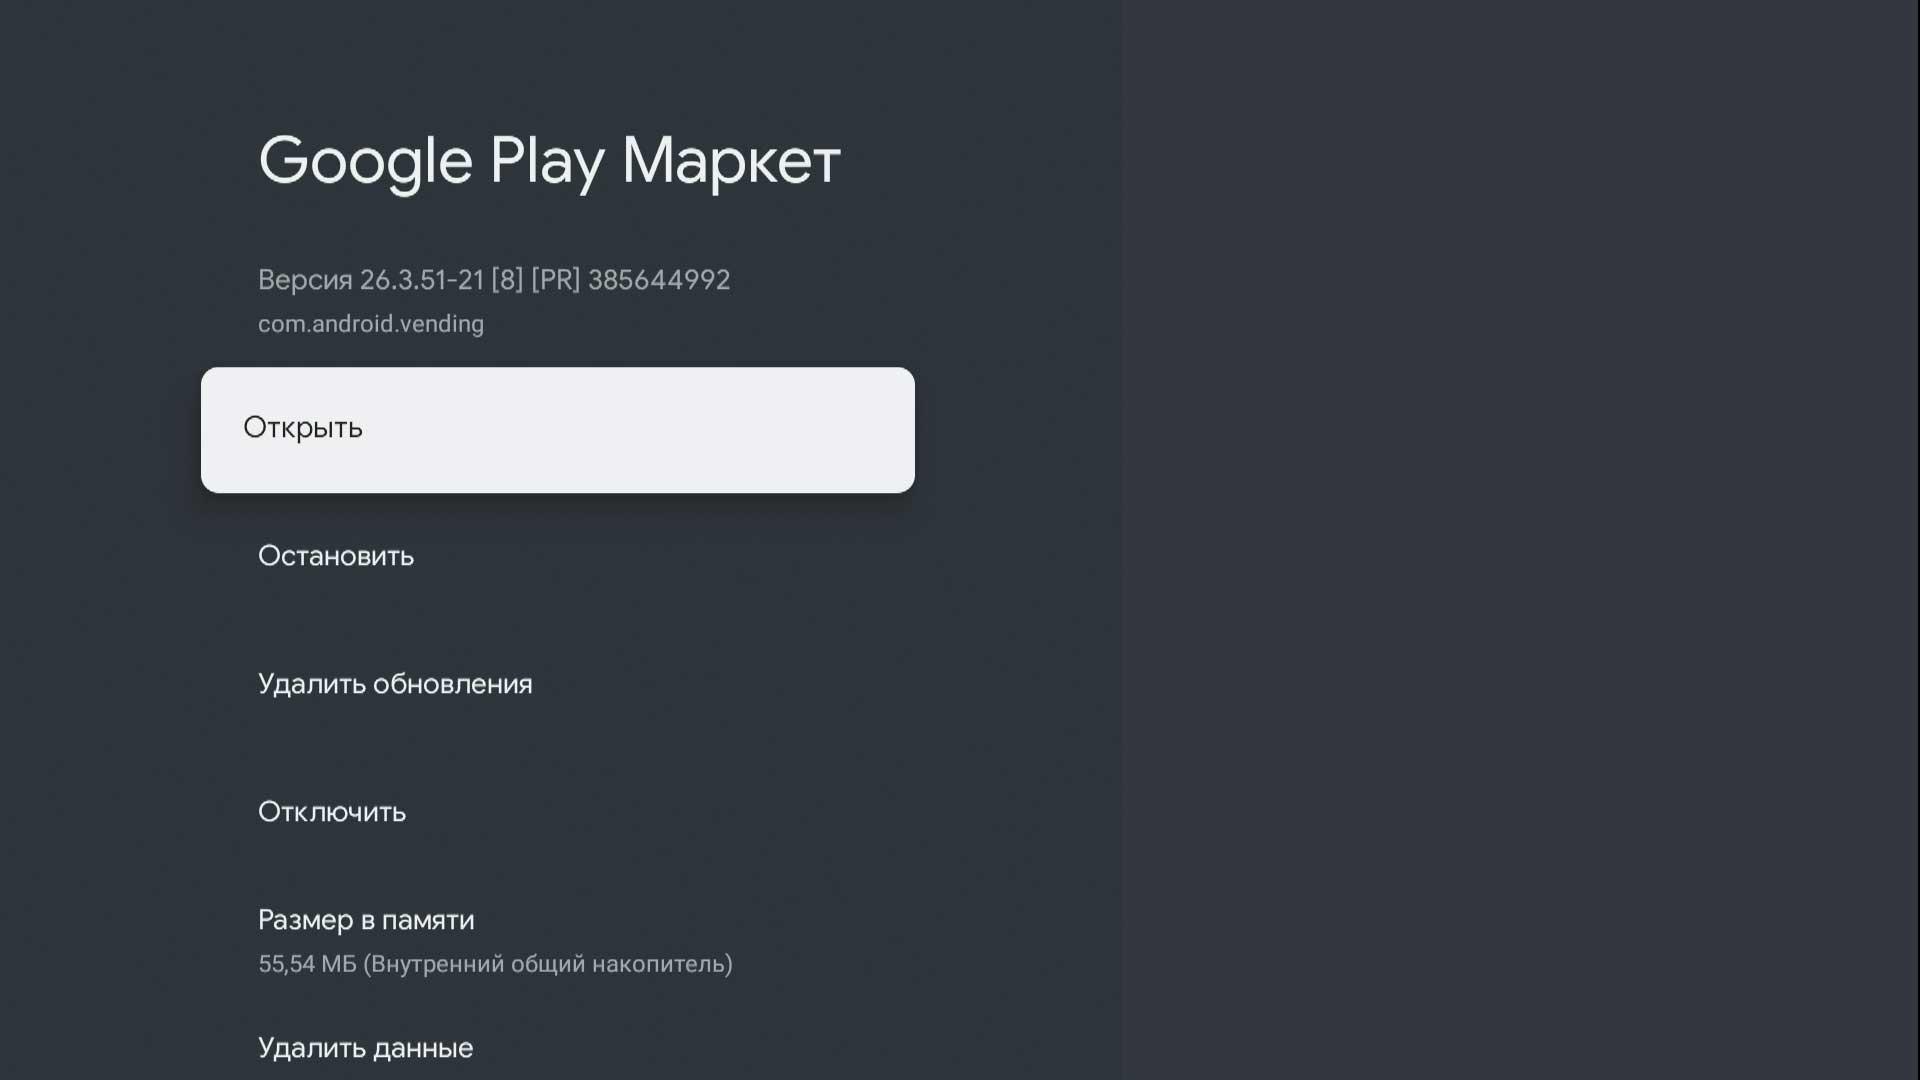 Откройте приложение Google Play Market